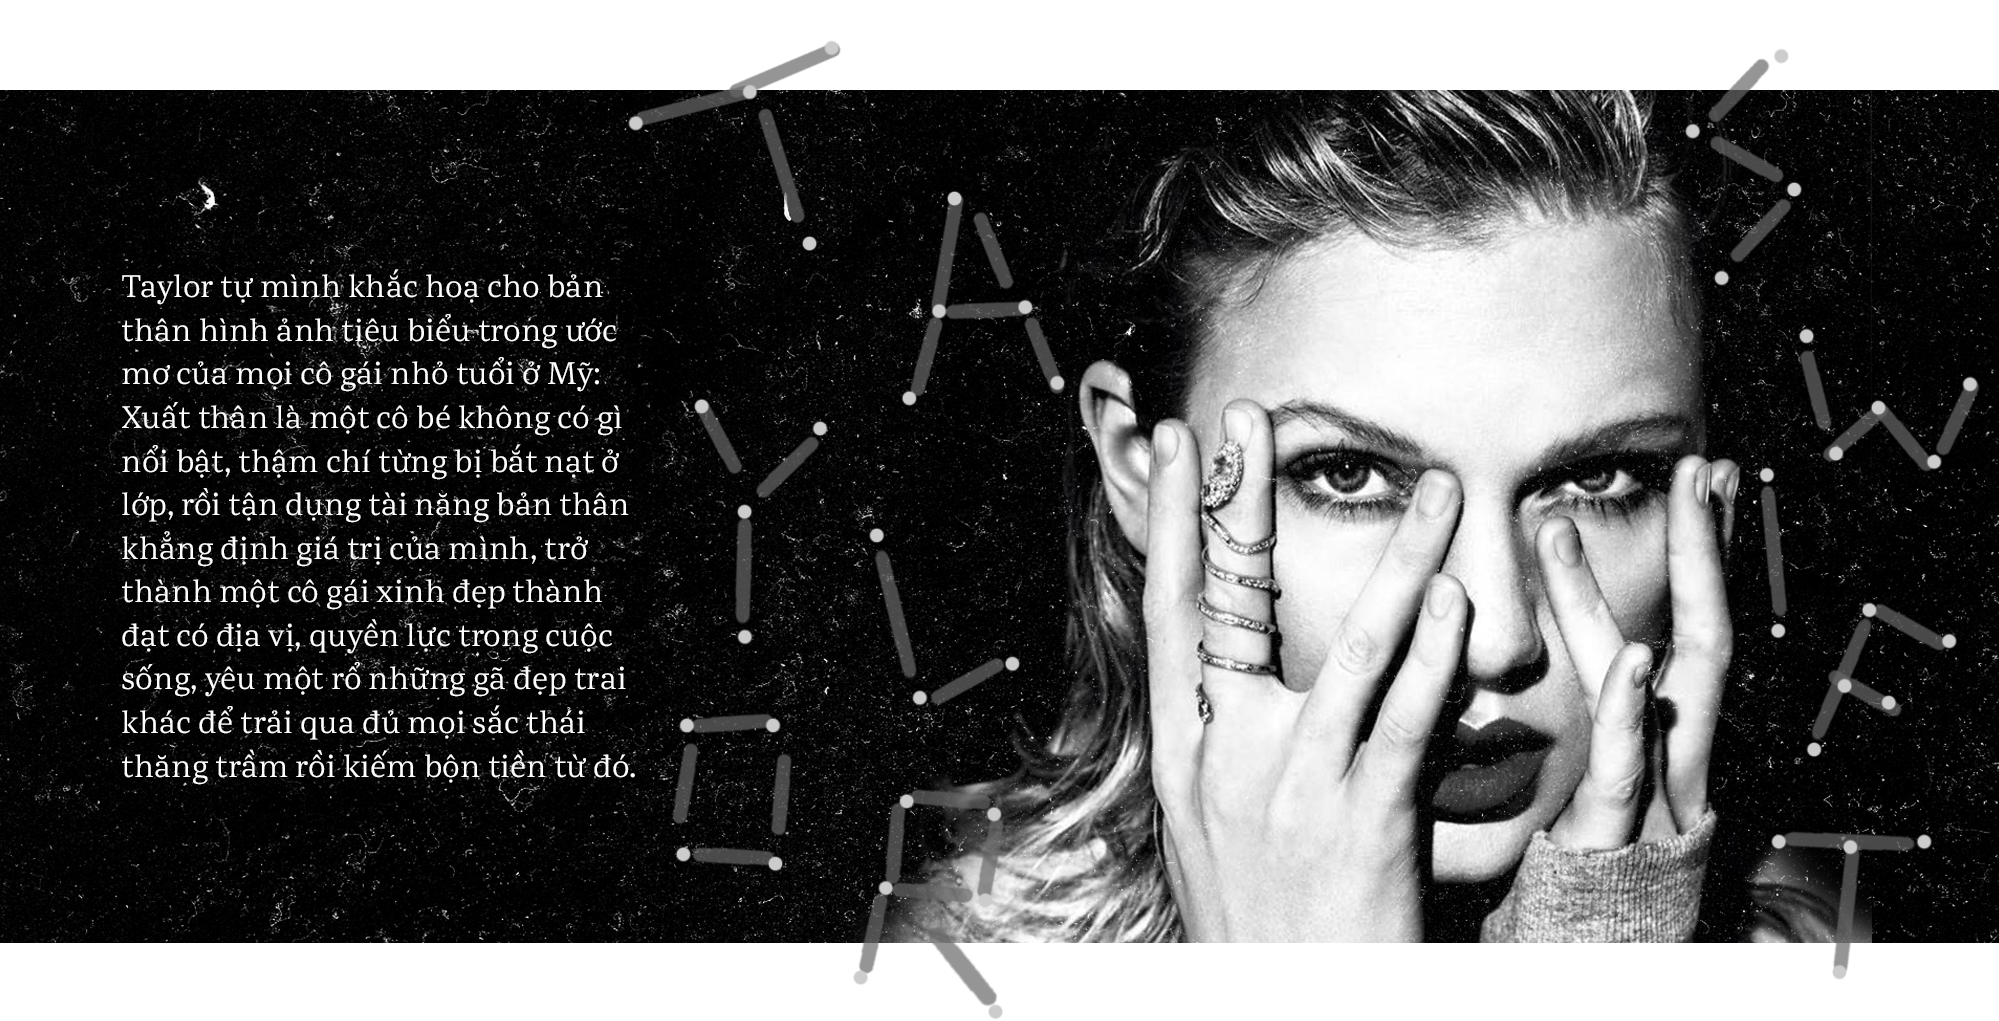 Taylor Swift: Ai yêu cũng được, ghét cũng chả sao, vì chẳng gì cản nổi chị làm nữ hoàng! - Ảnh 5.